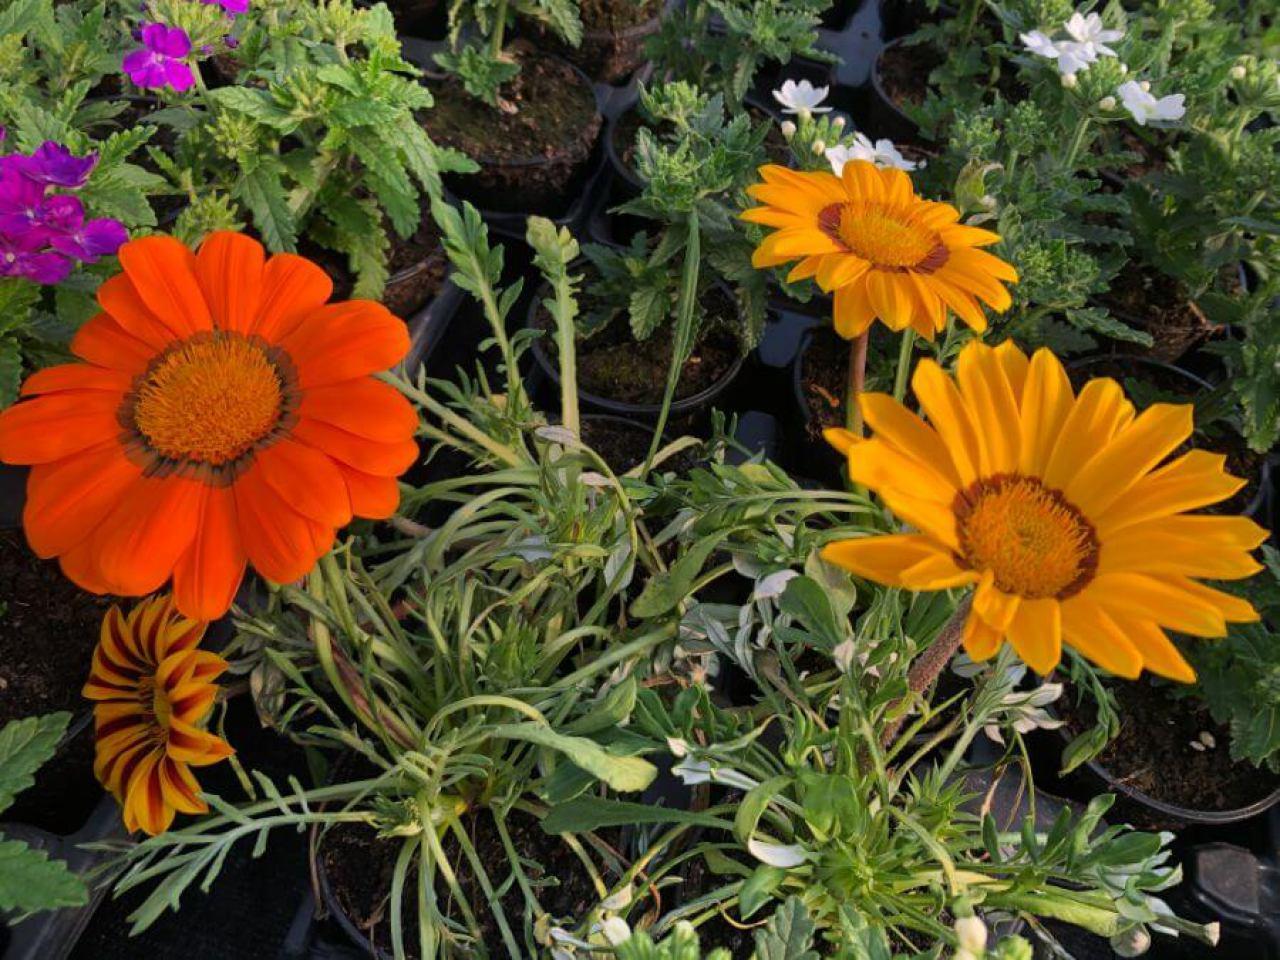 flora-commerce-5721457411.jpg